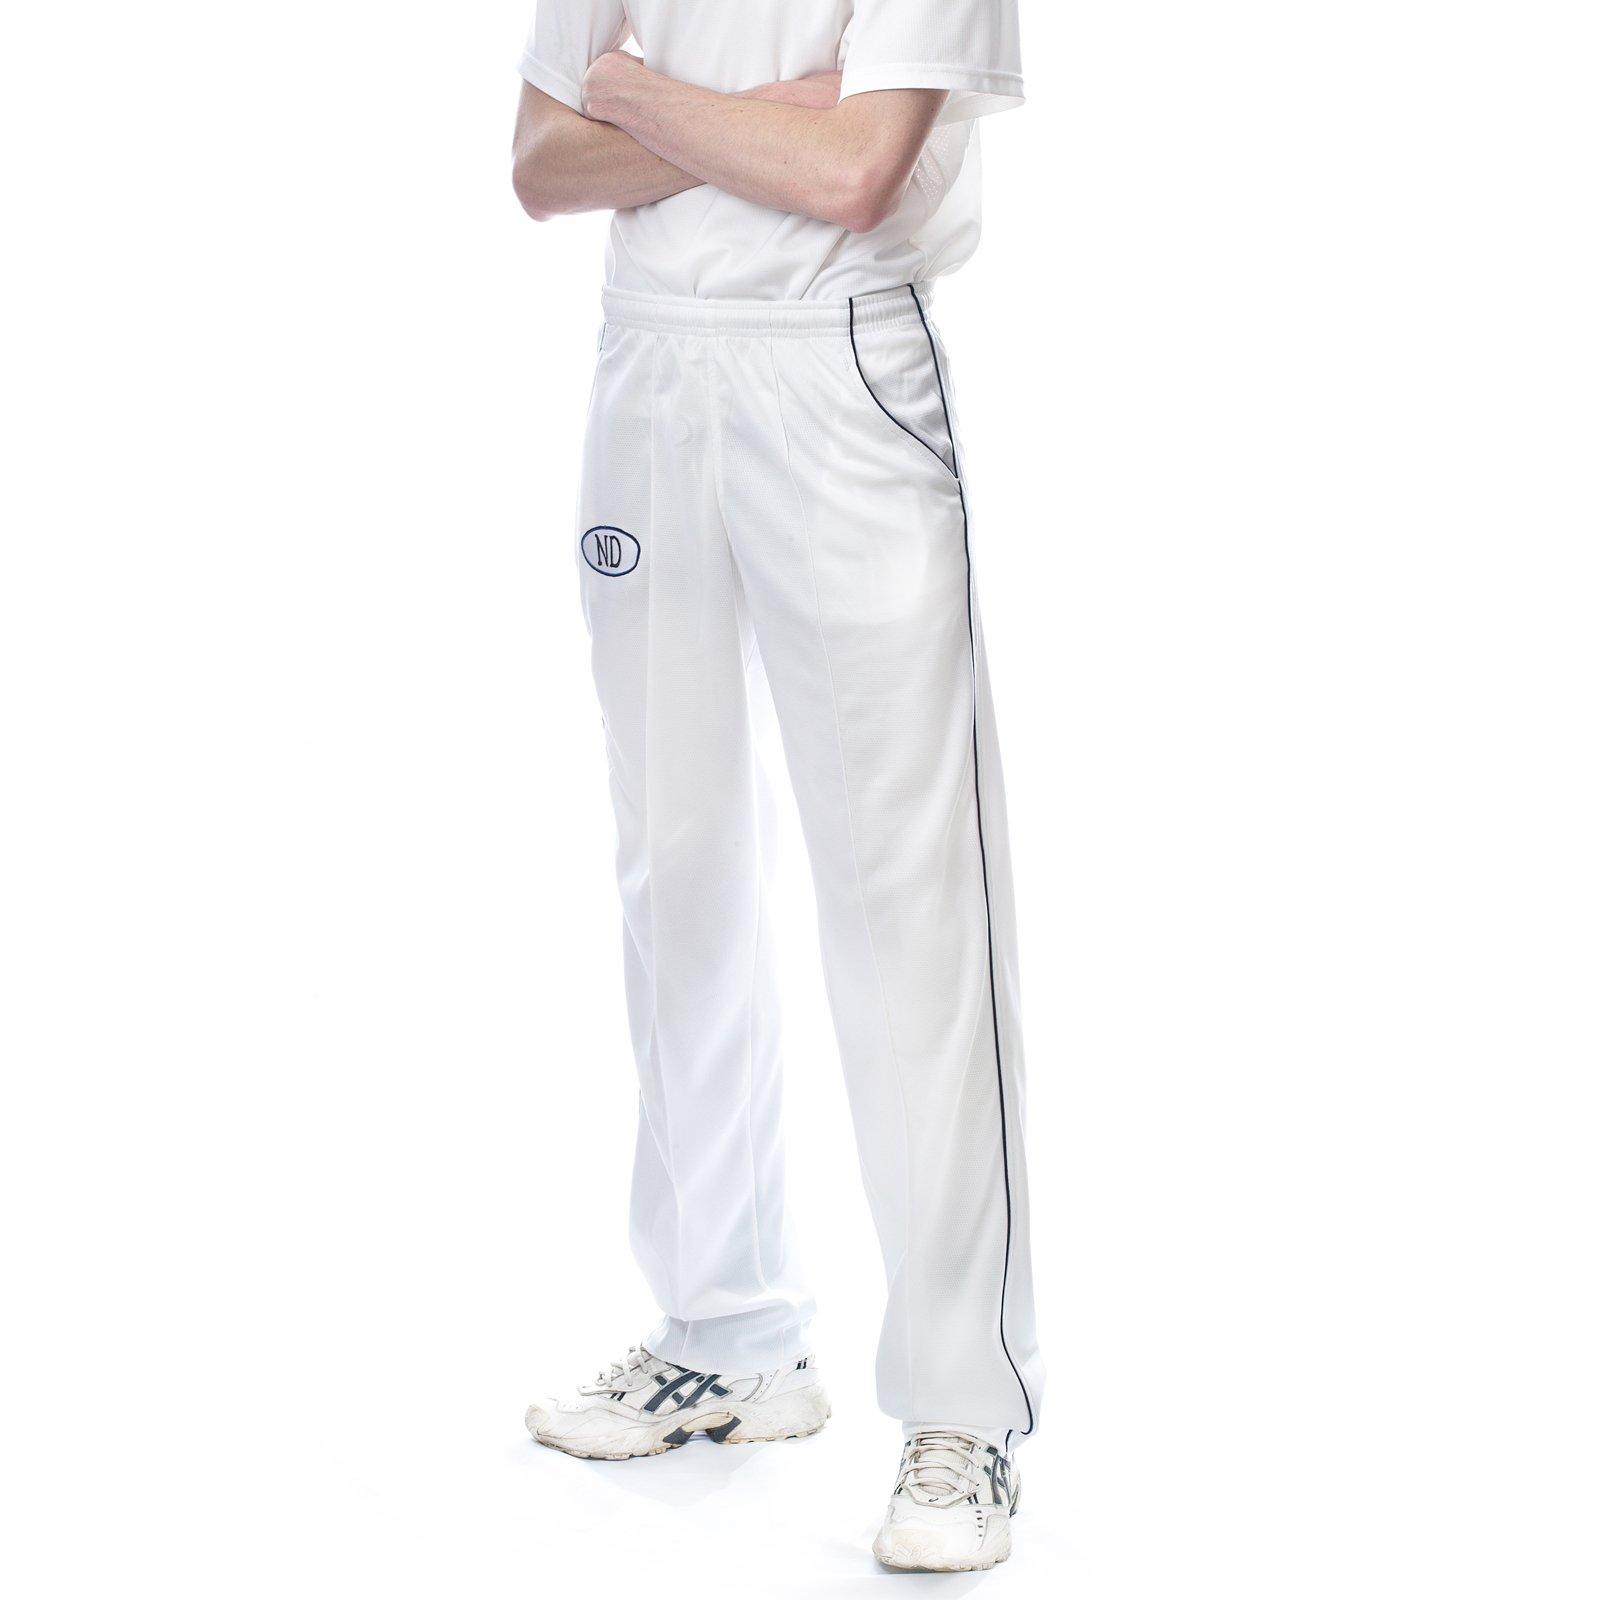 New only-cricket Playing pantaloni bianchi in flanella Match pantaloni